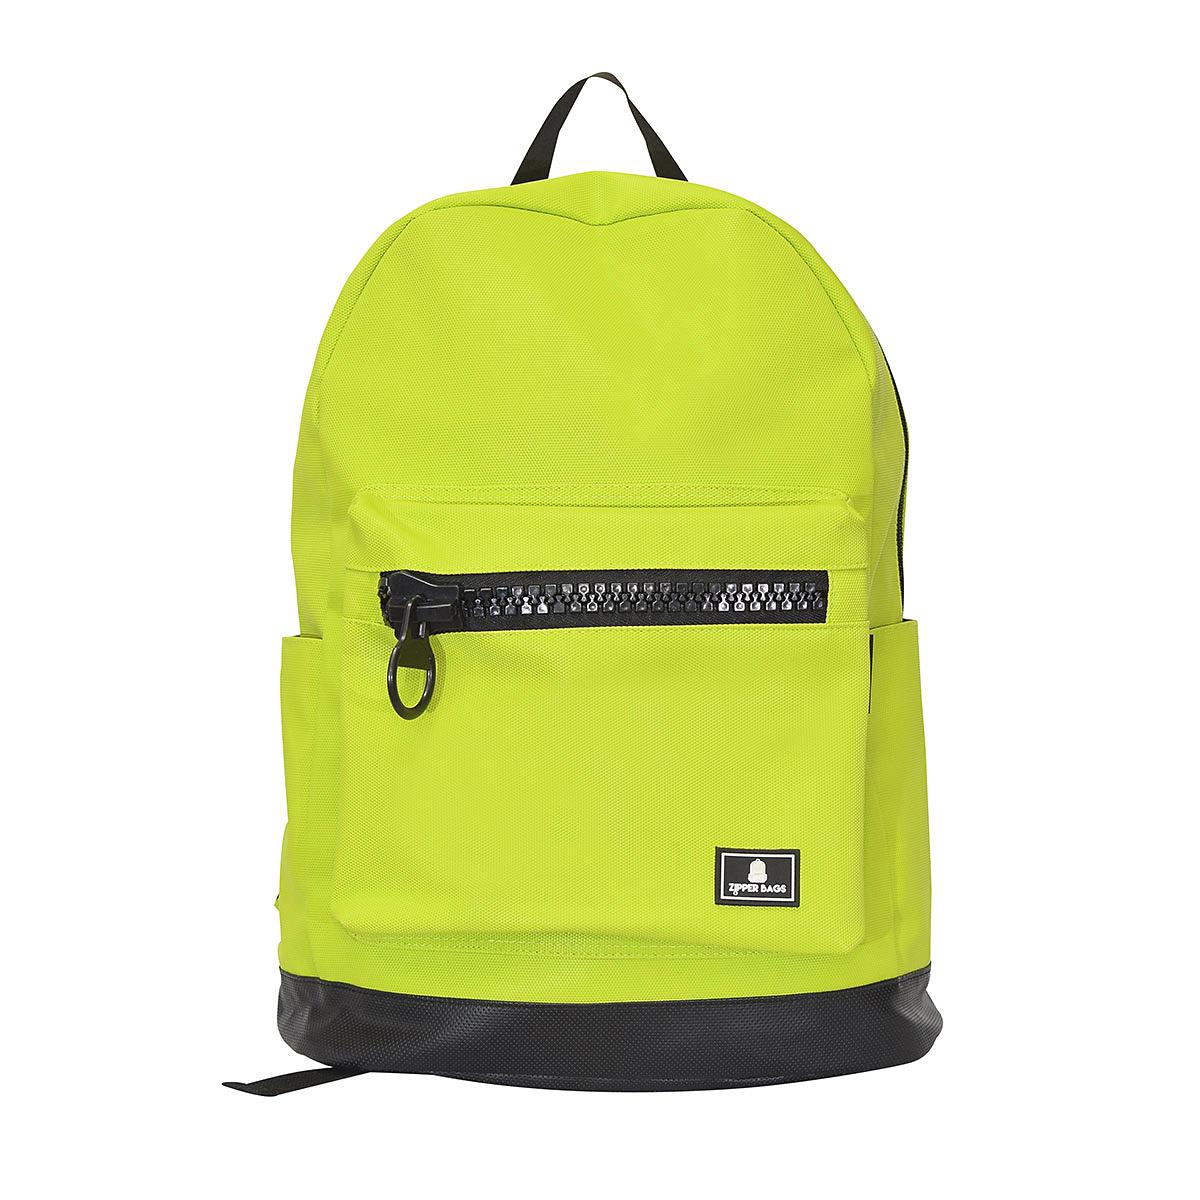 Lime Green Backpack – Zipper Bags 9cafda81c